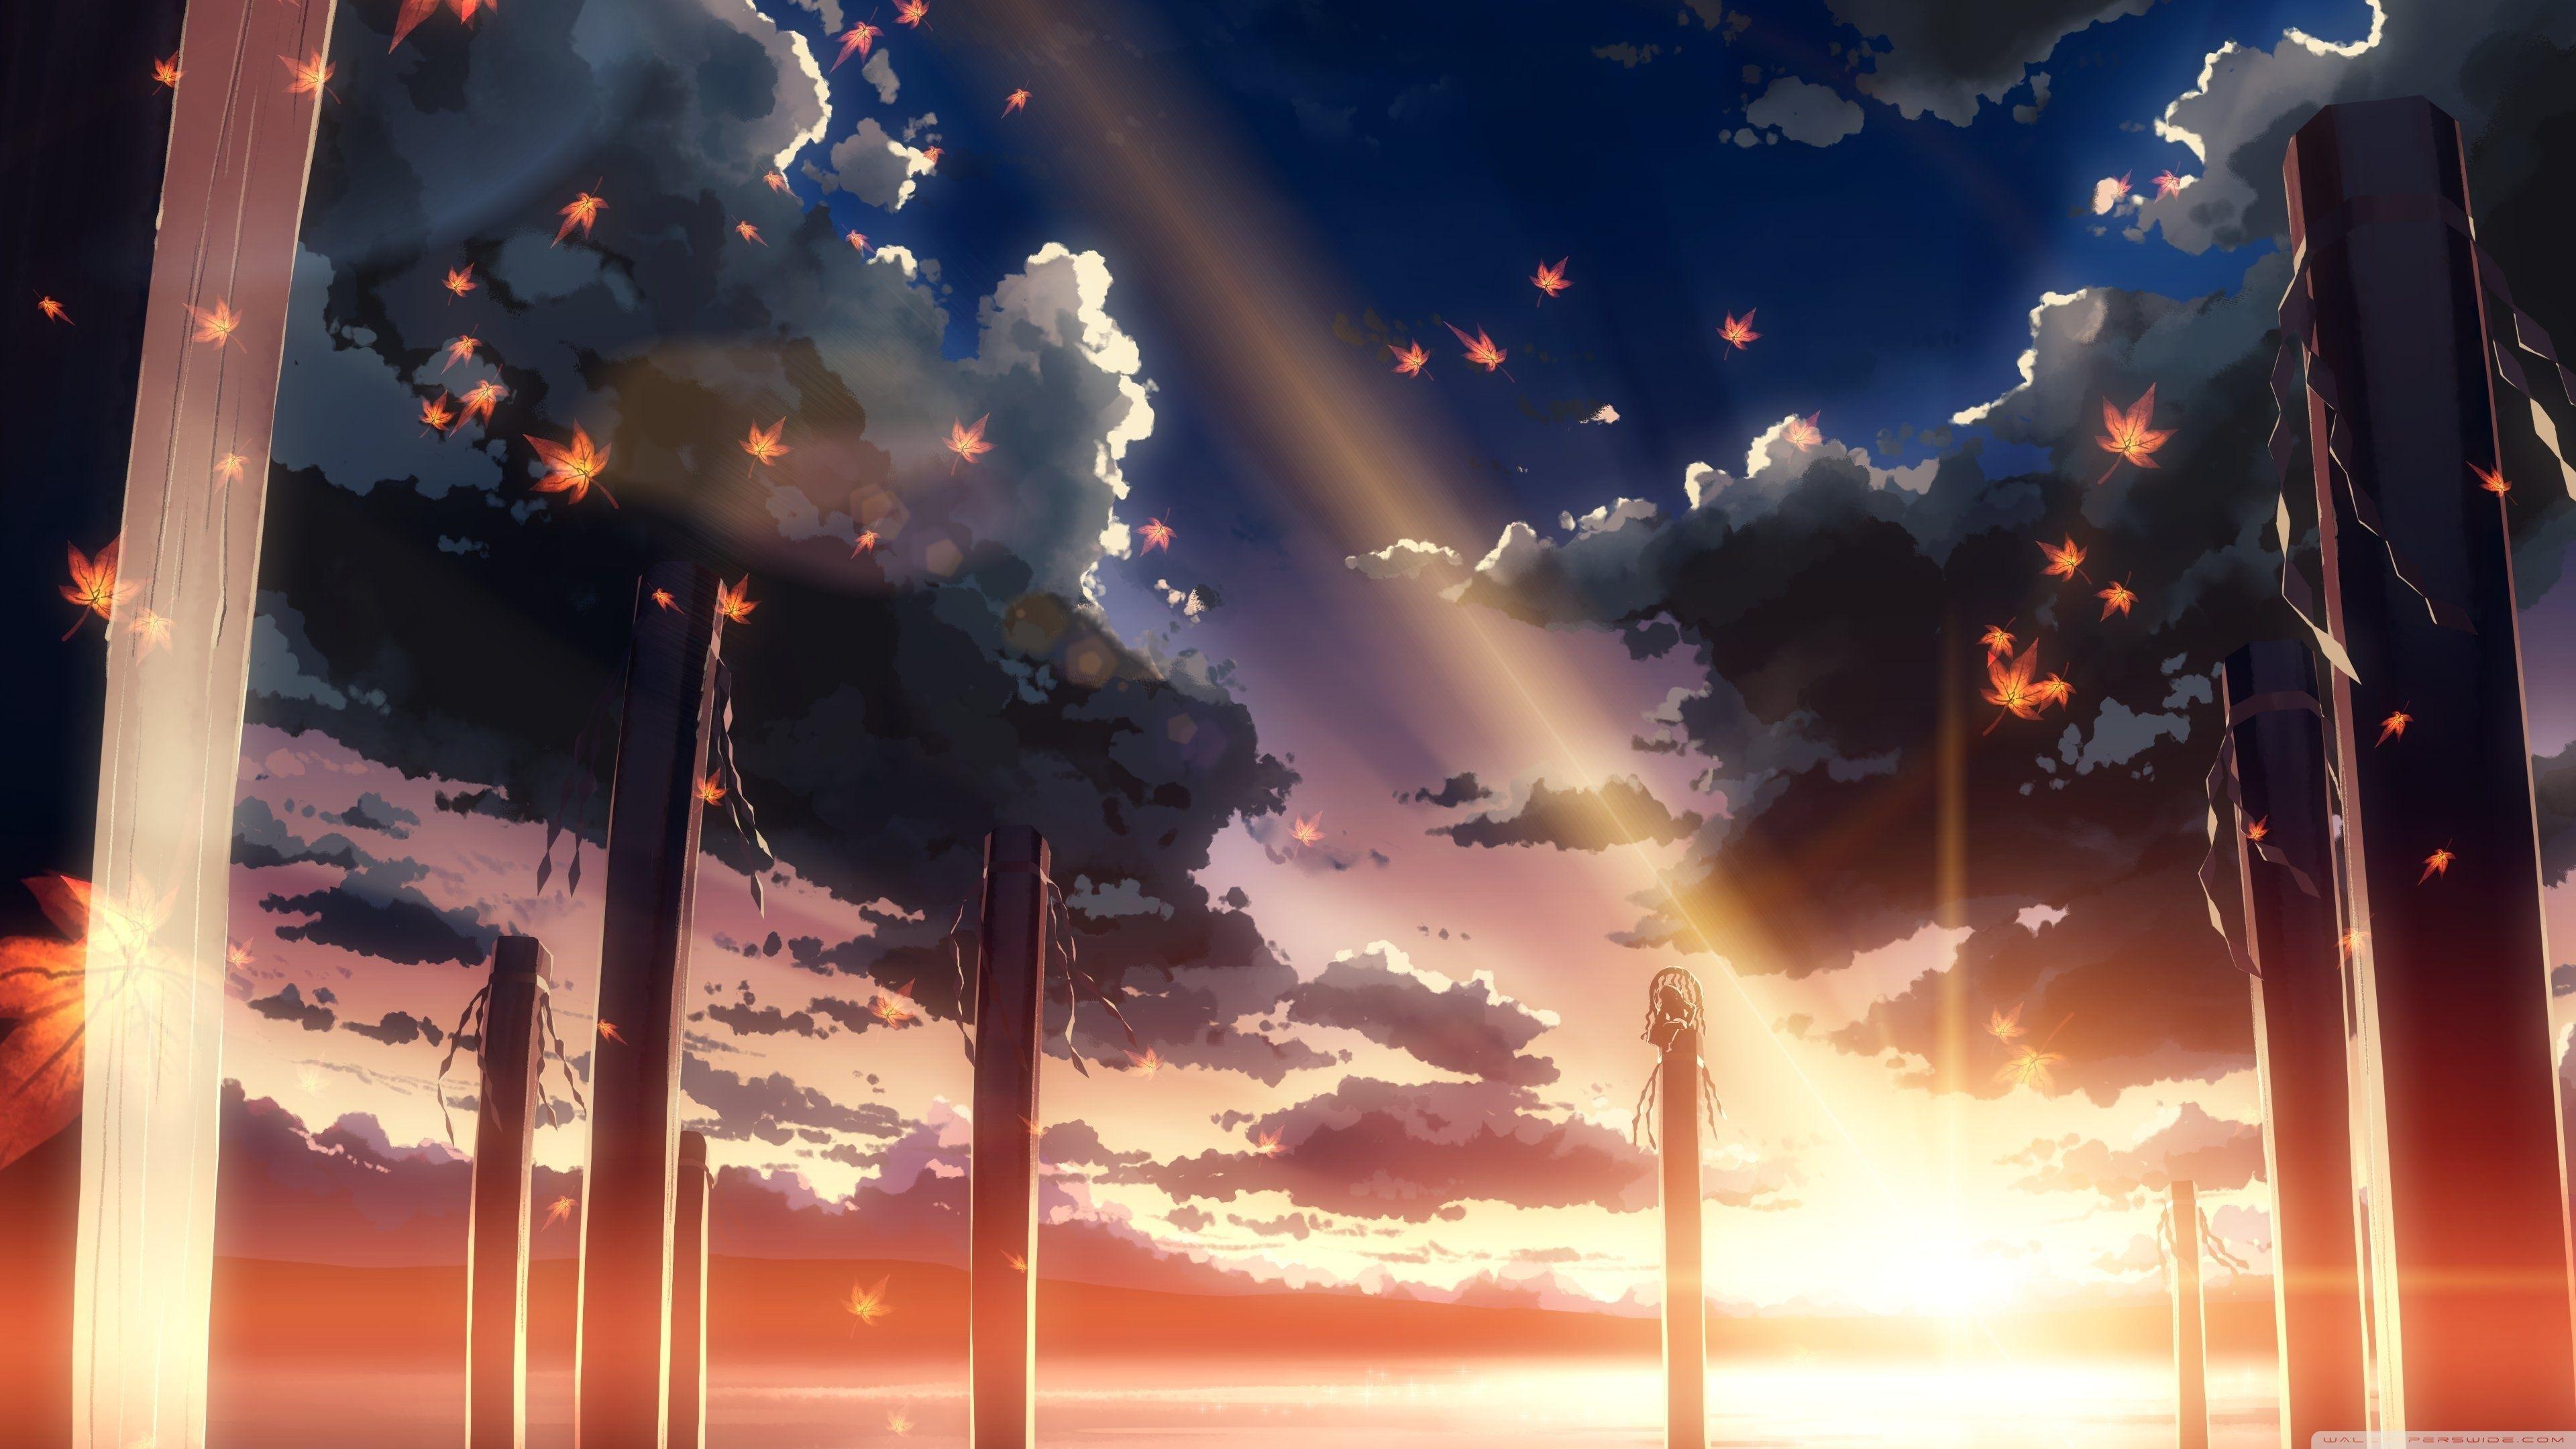 Hình nền anime thiên nhiên 4K